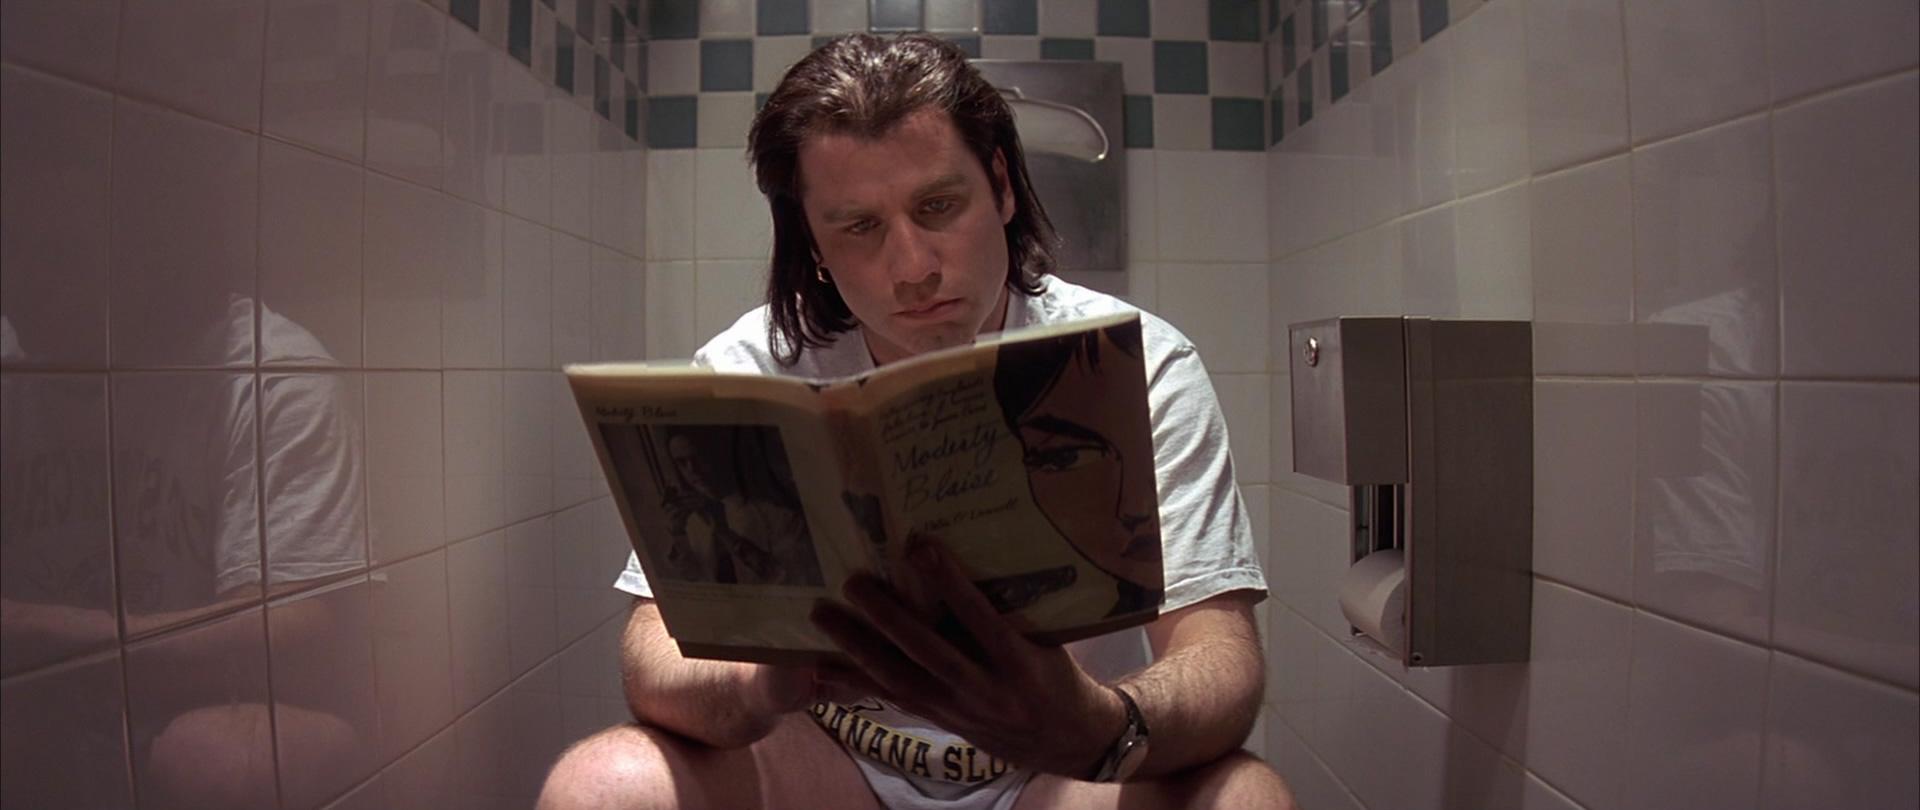 Фото мужики в туалете 9 фотография